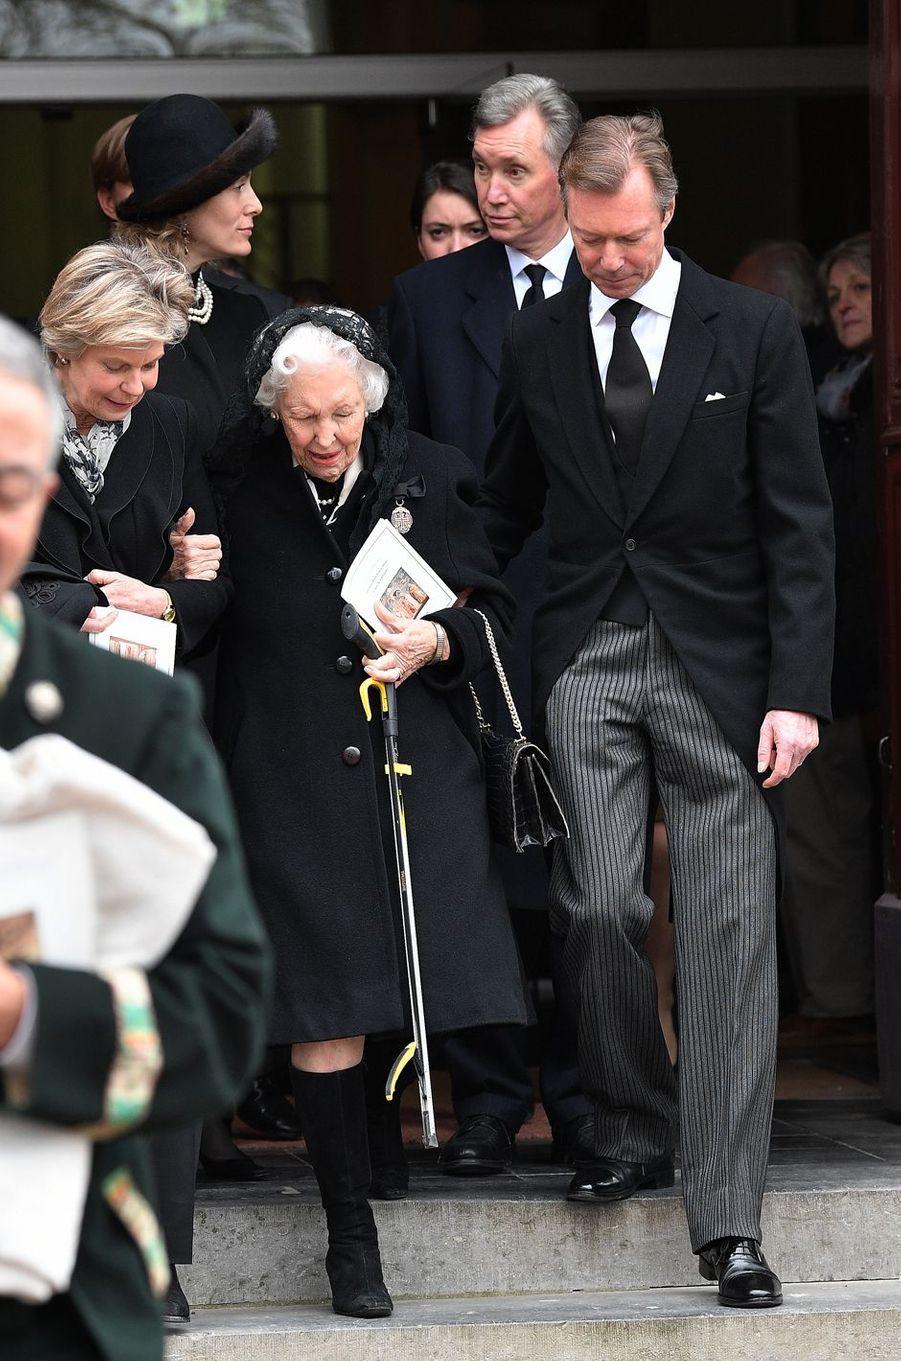 Le grand-duc Henri de Luxembourg avec sa soeur la princesse Marie-Astrid et l'archiduchesse Yolande d'Autriche à Anvaing, le 16 janvier 2019